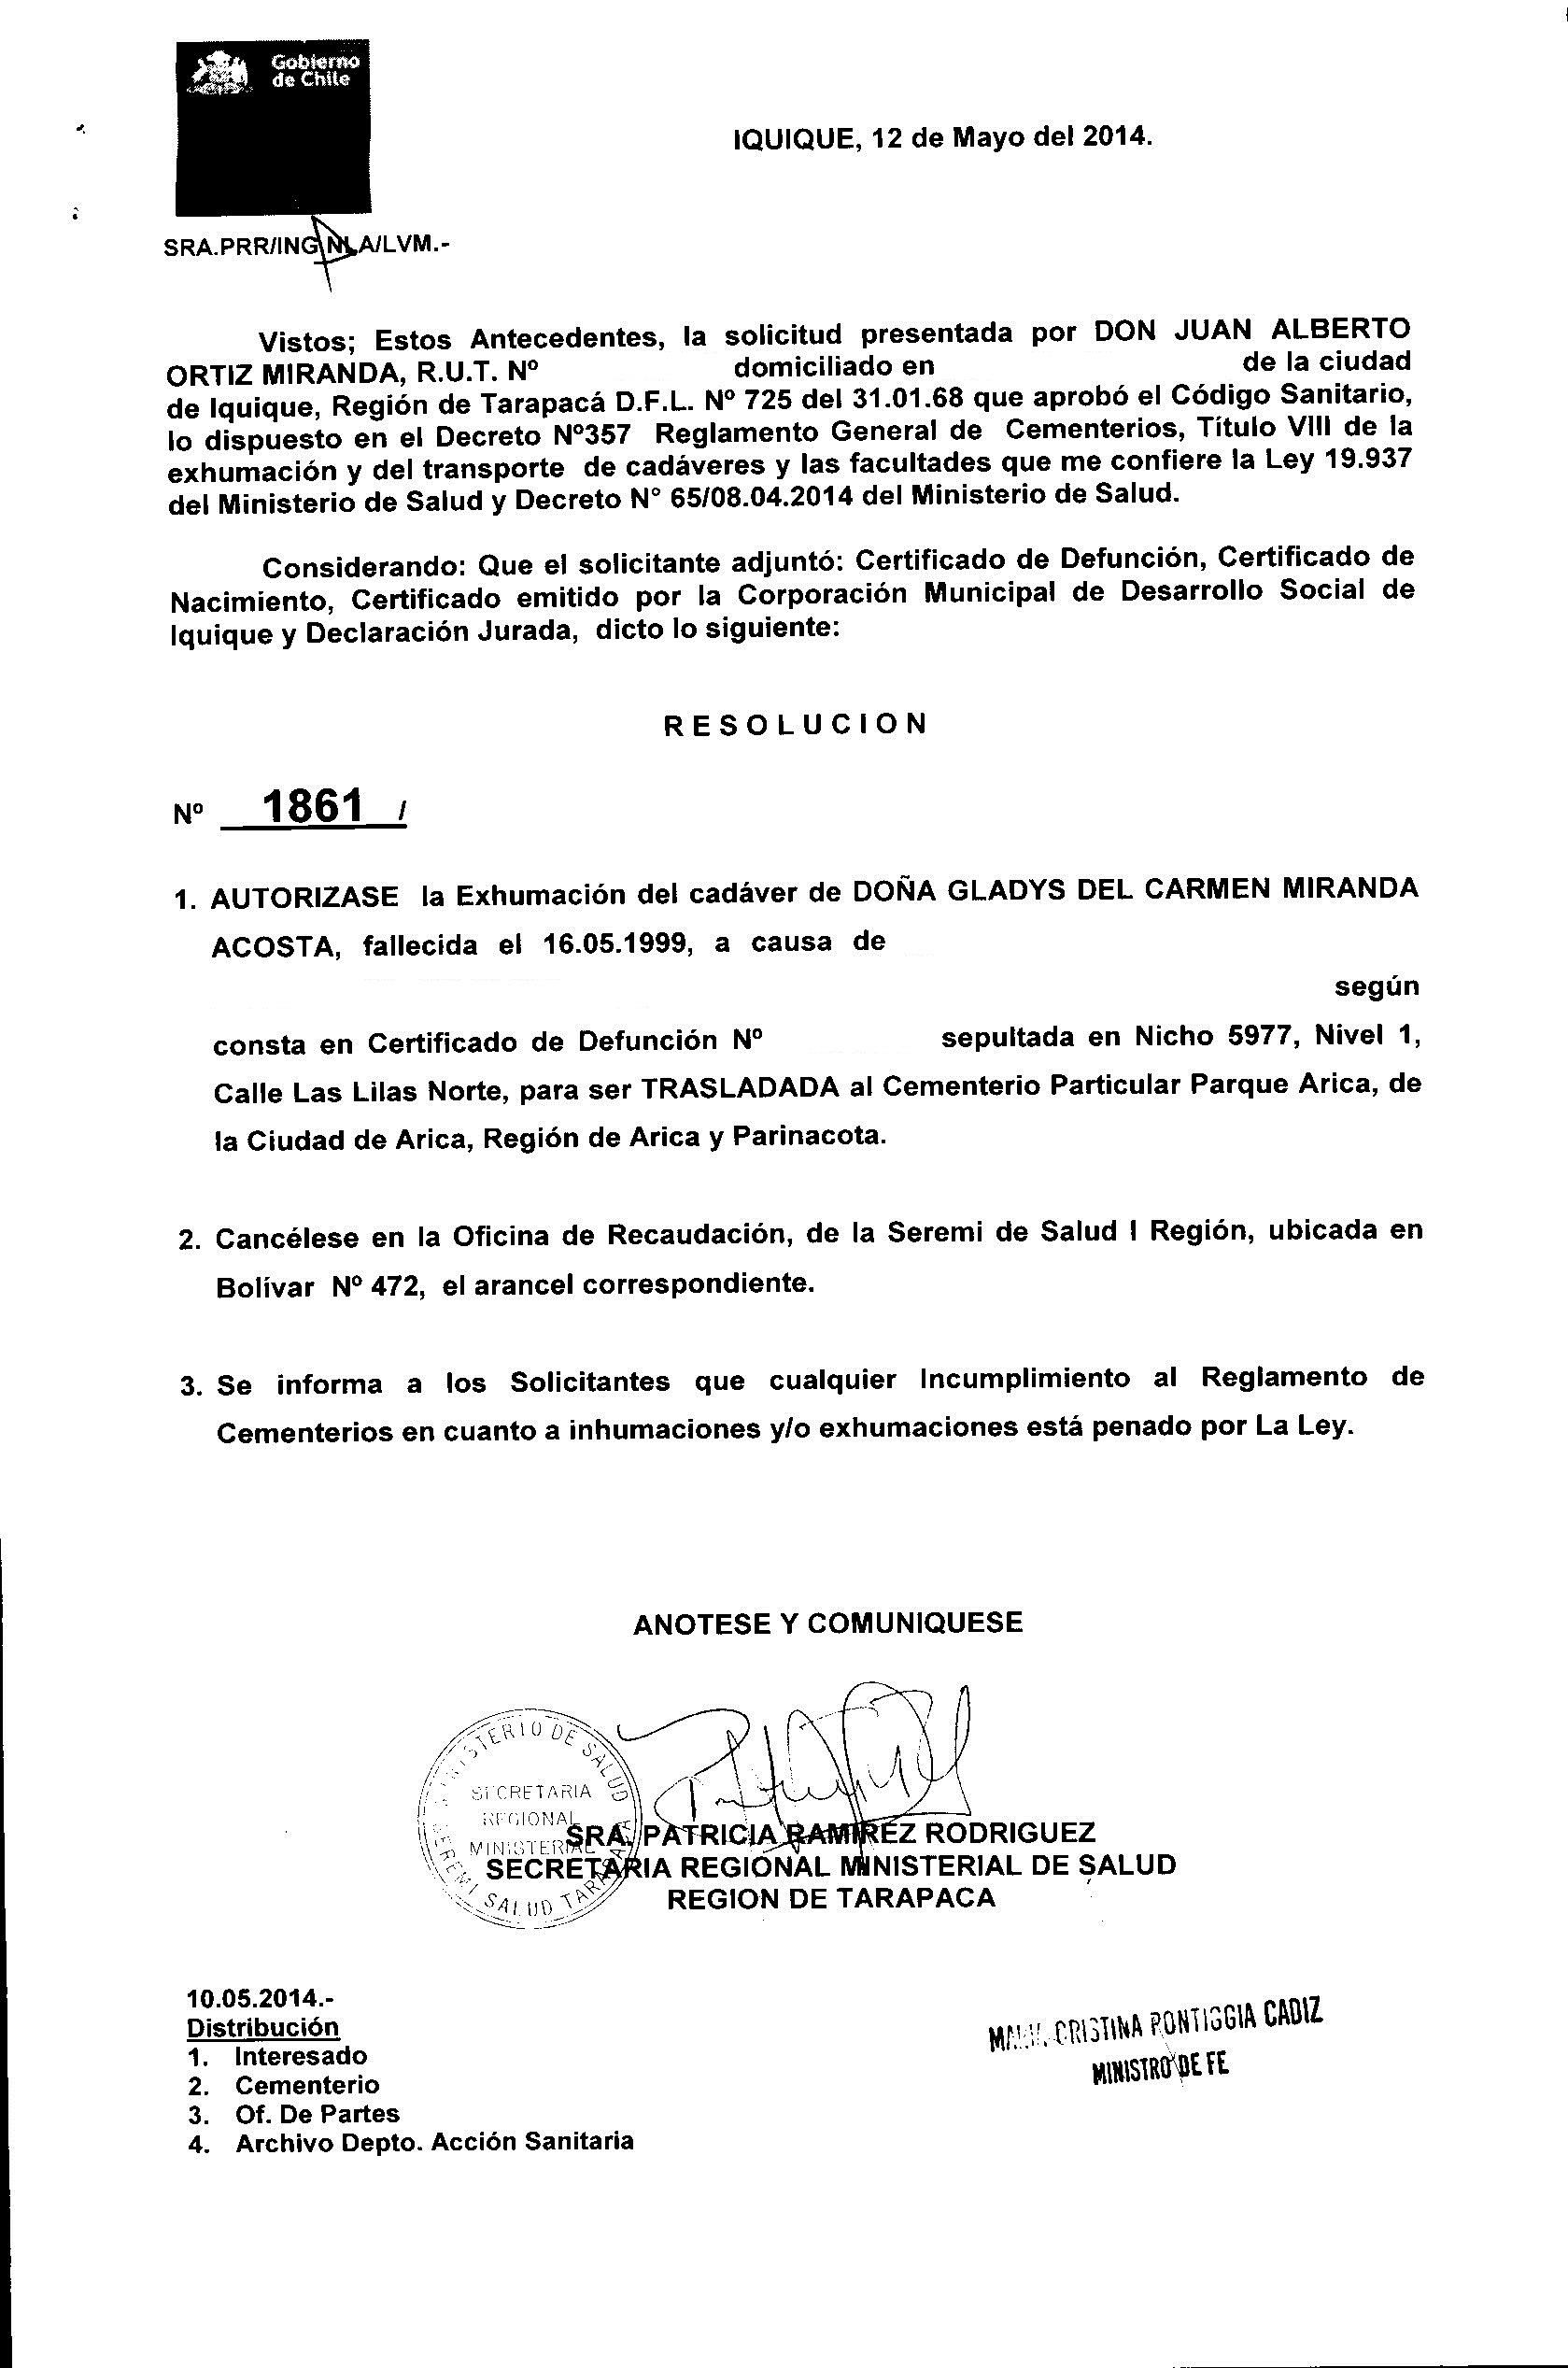 Famoso Certificado De Nacimiento I 485 Bosquejo - Cómo conseguir mi ...